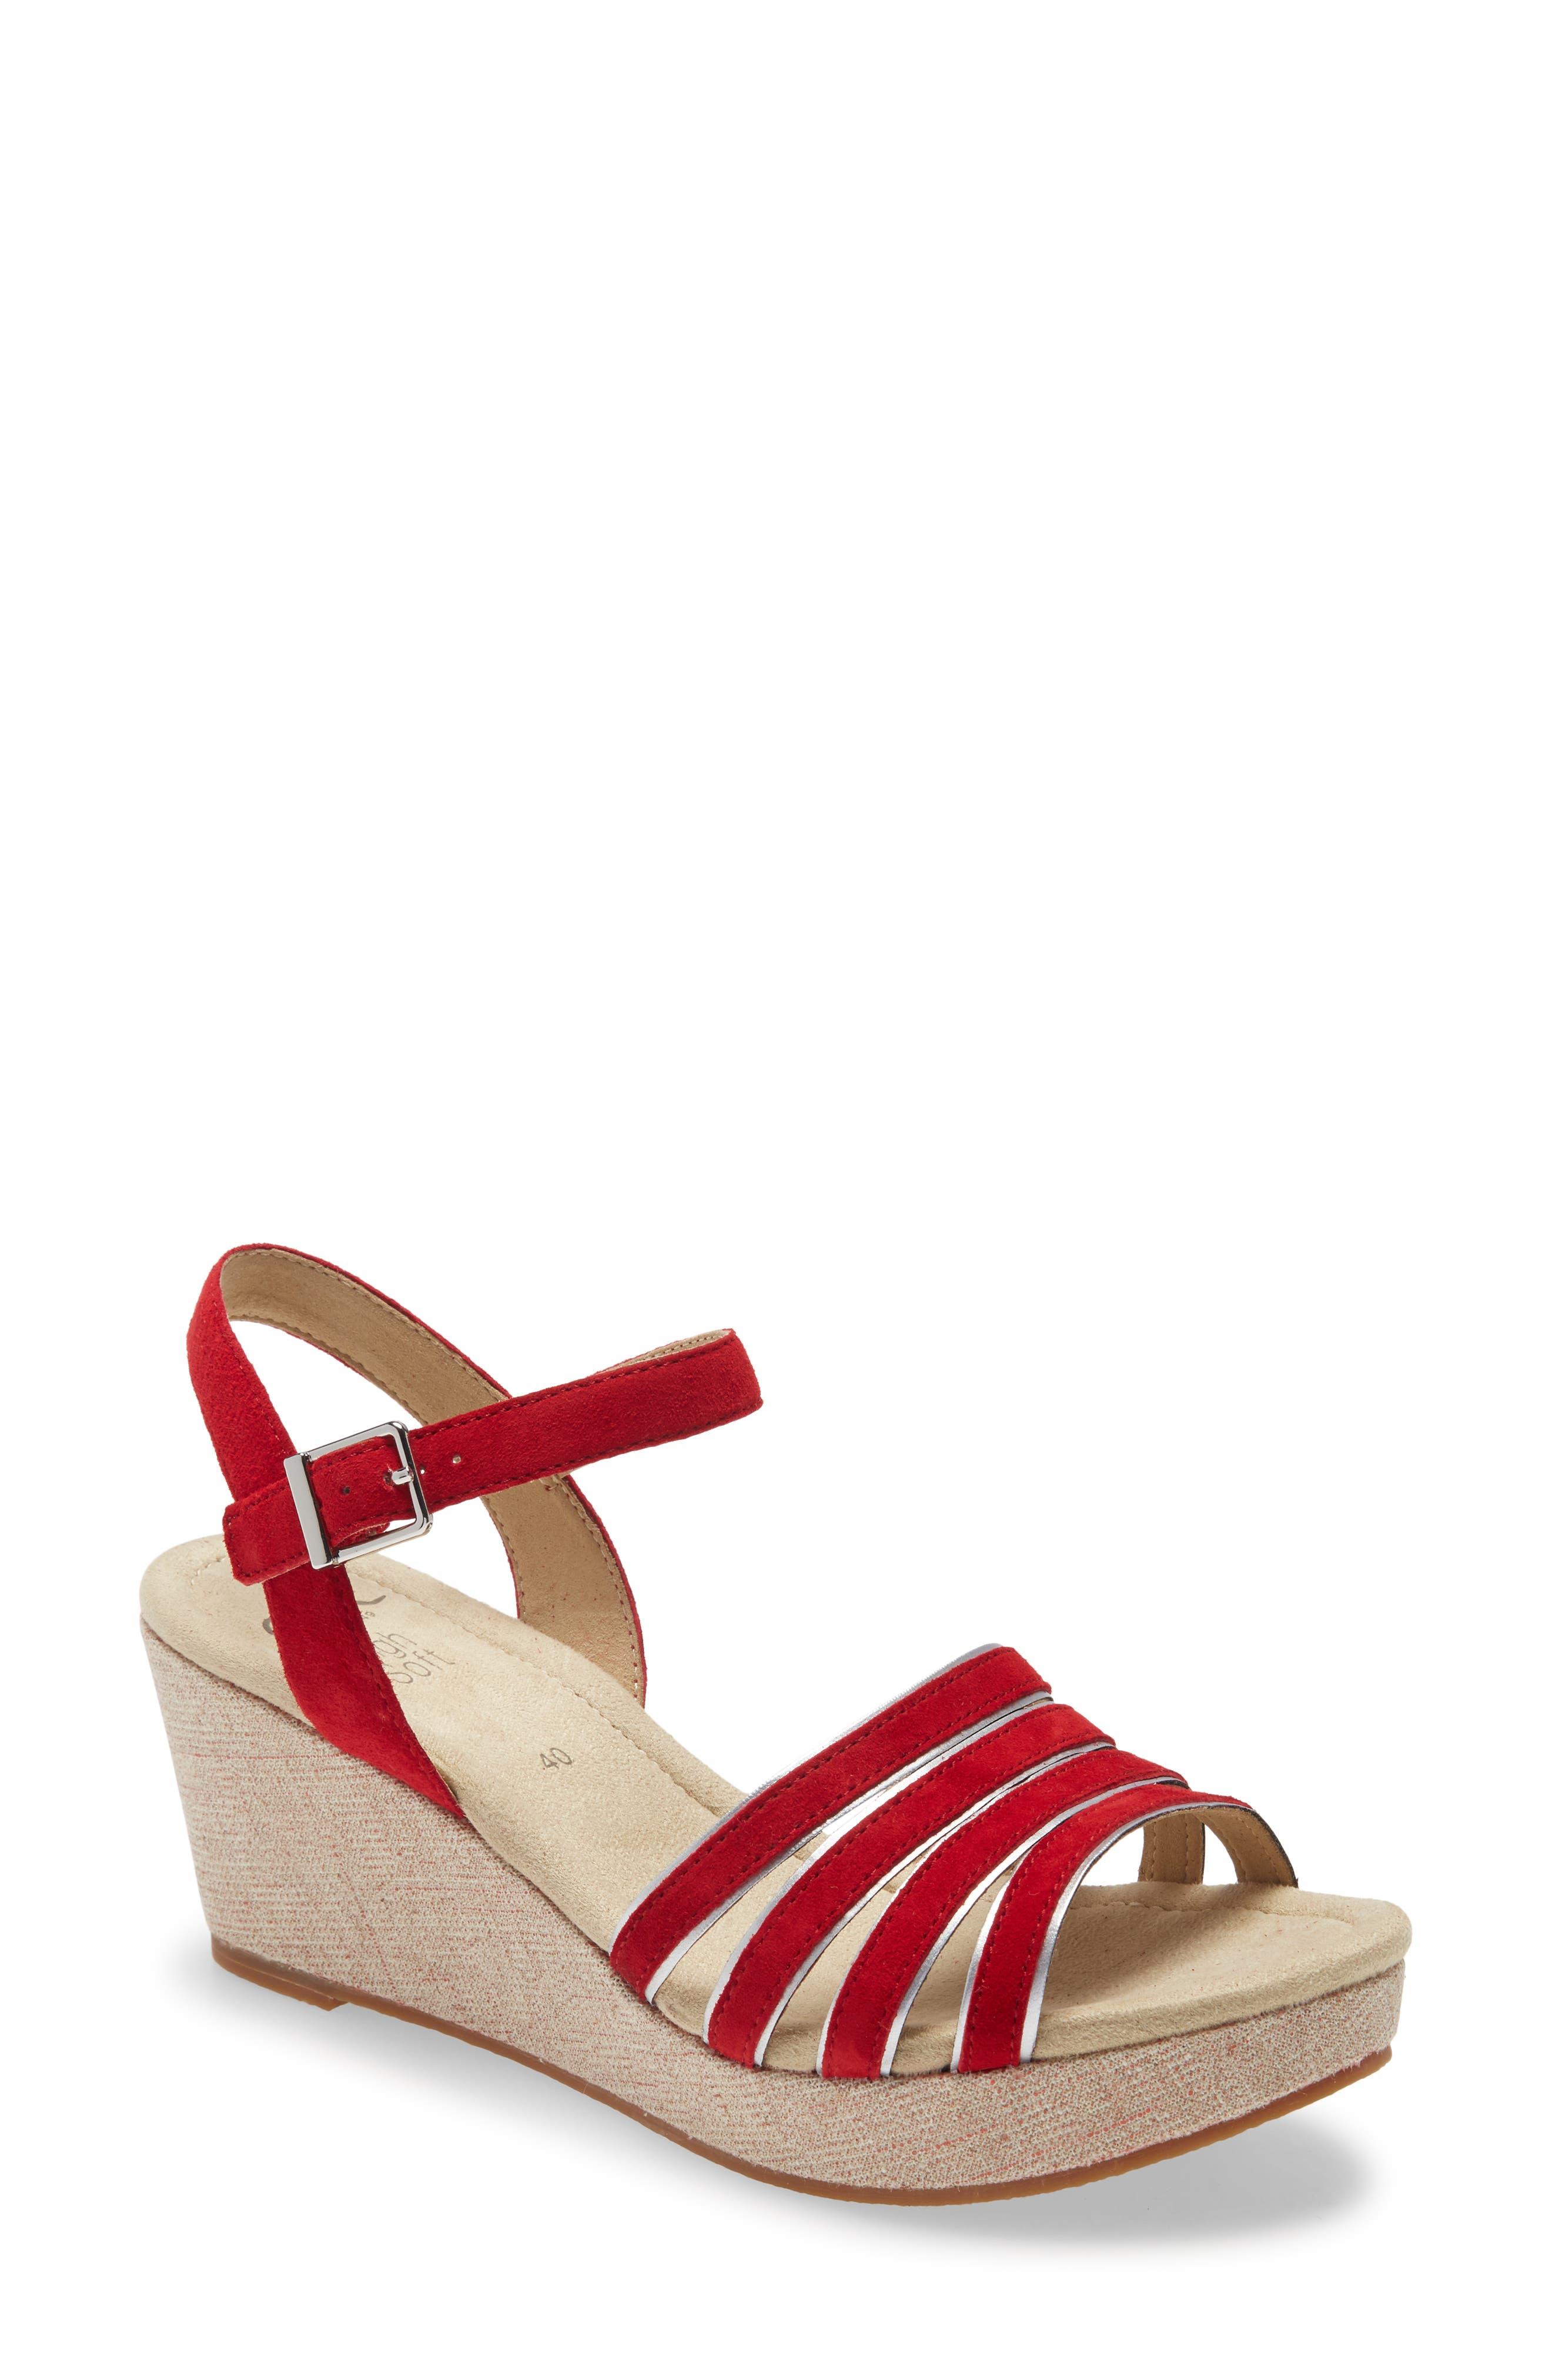 Rita Wedge Sandal